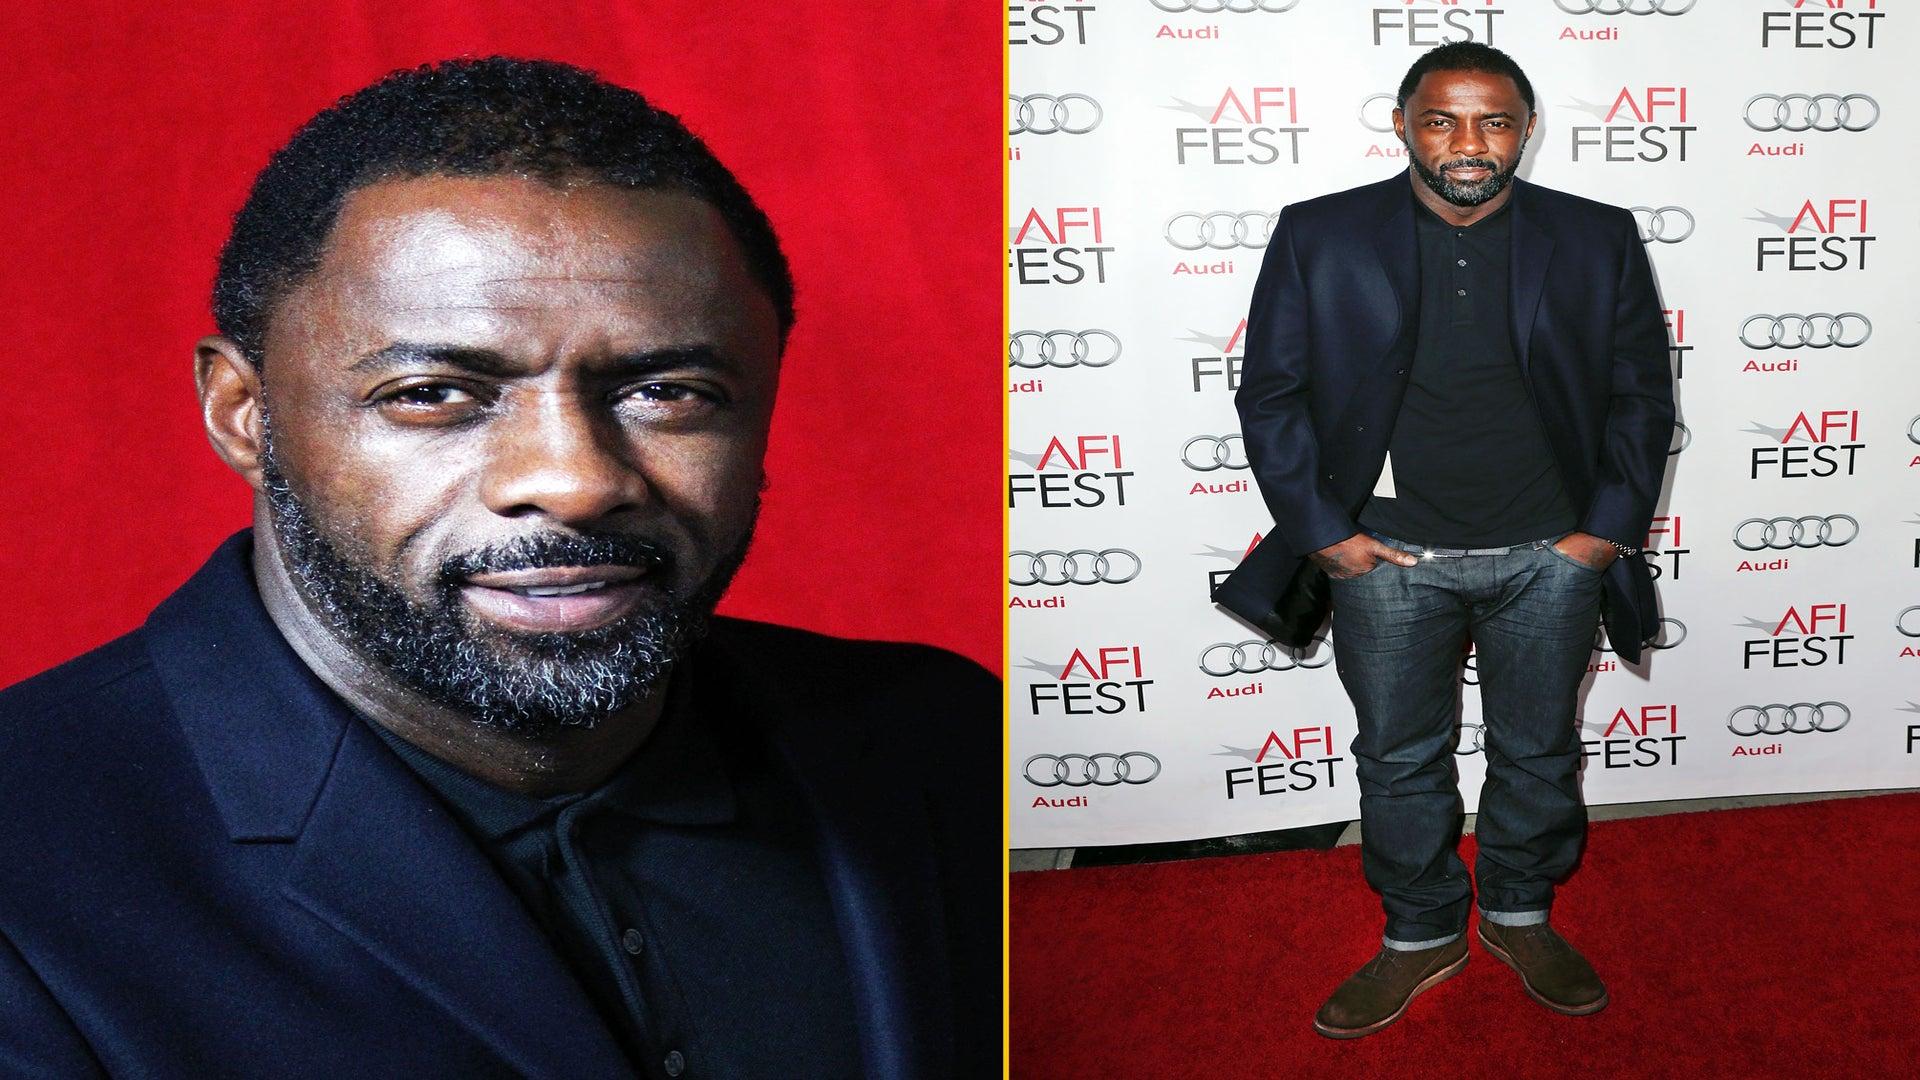 Coffee Talk: Idris Elba to Star in New Thriller 'Bastille Day'